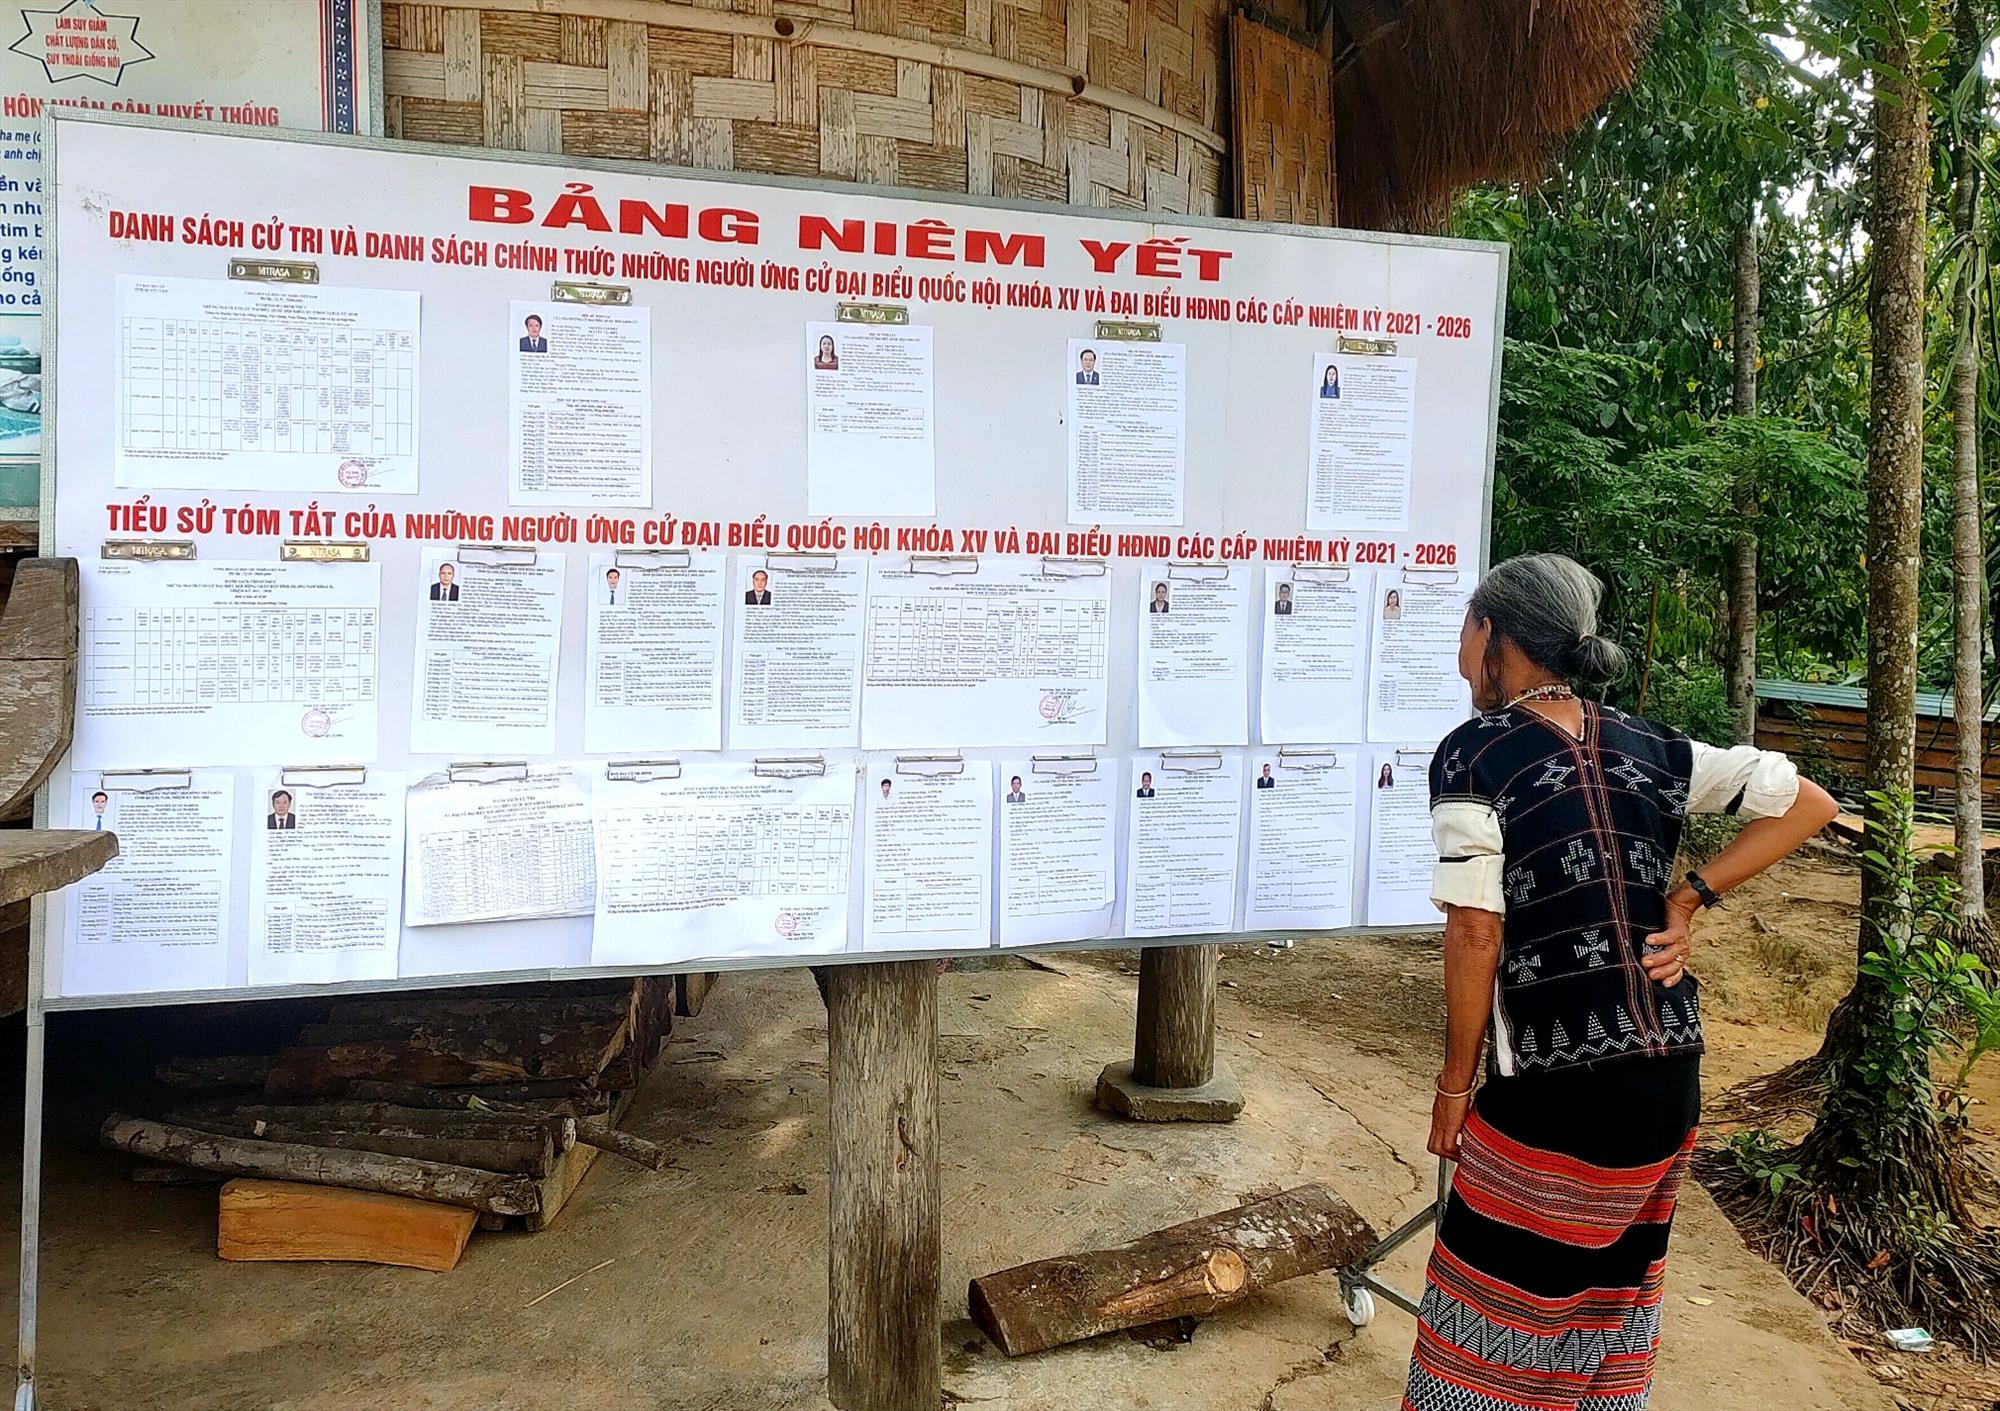 Một cụ bà Cơ Tu chăm chú chú tìm hiểu thông tin các cử tri trước ngày diễn ra bầu cử. Ảnh: THÁI NGUYỄN